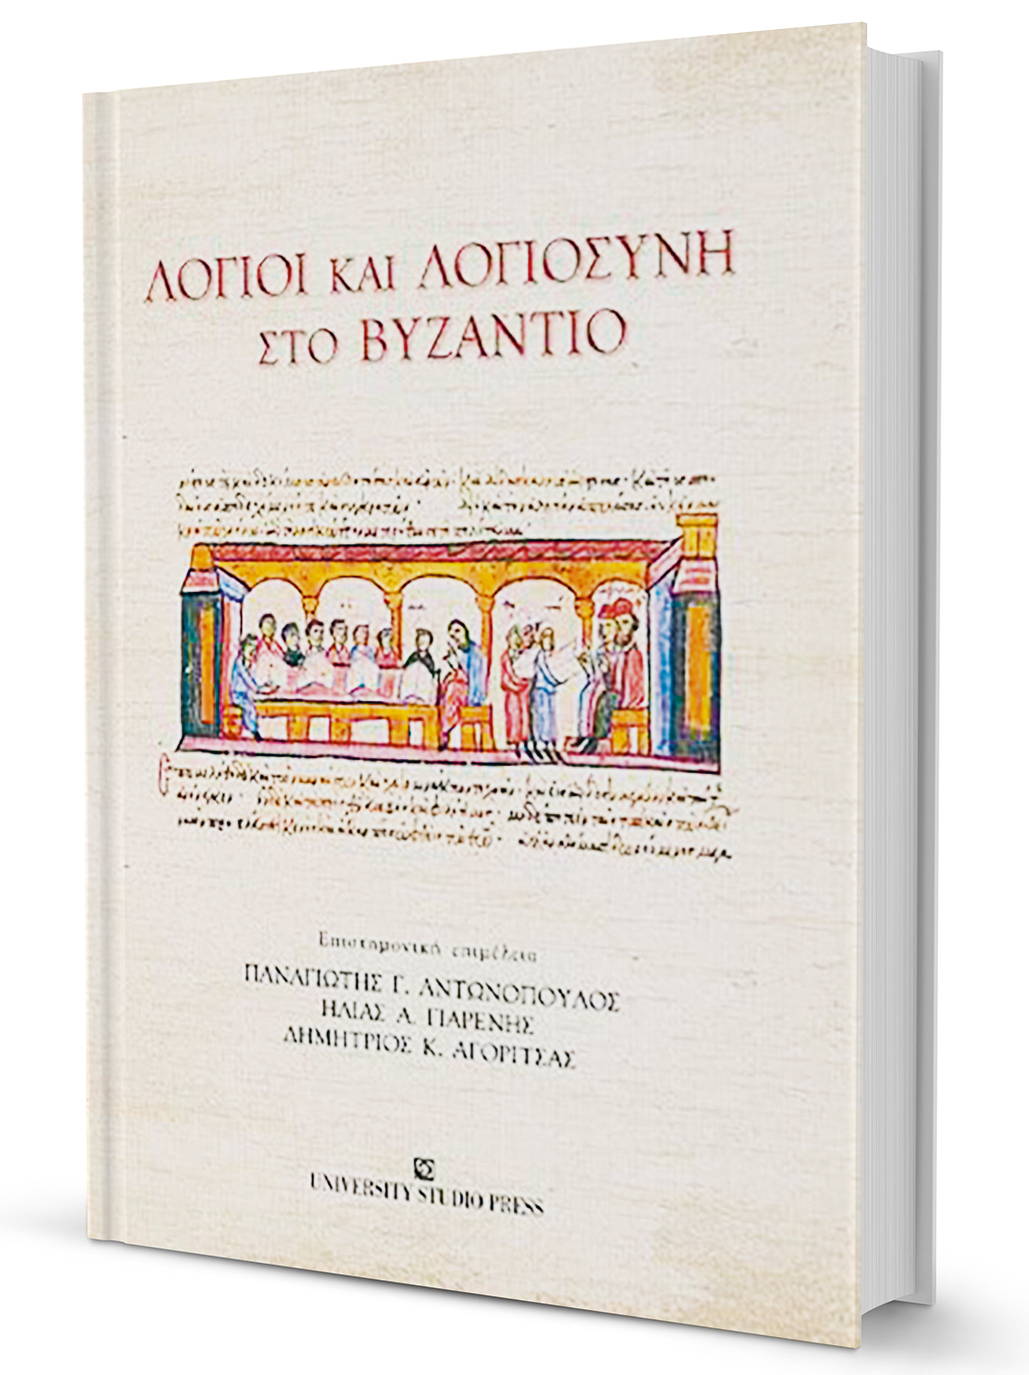 technes-grammata-kai-pneymatikoi-anthropoi-sto-vyzantio1